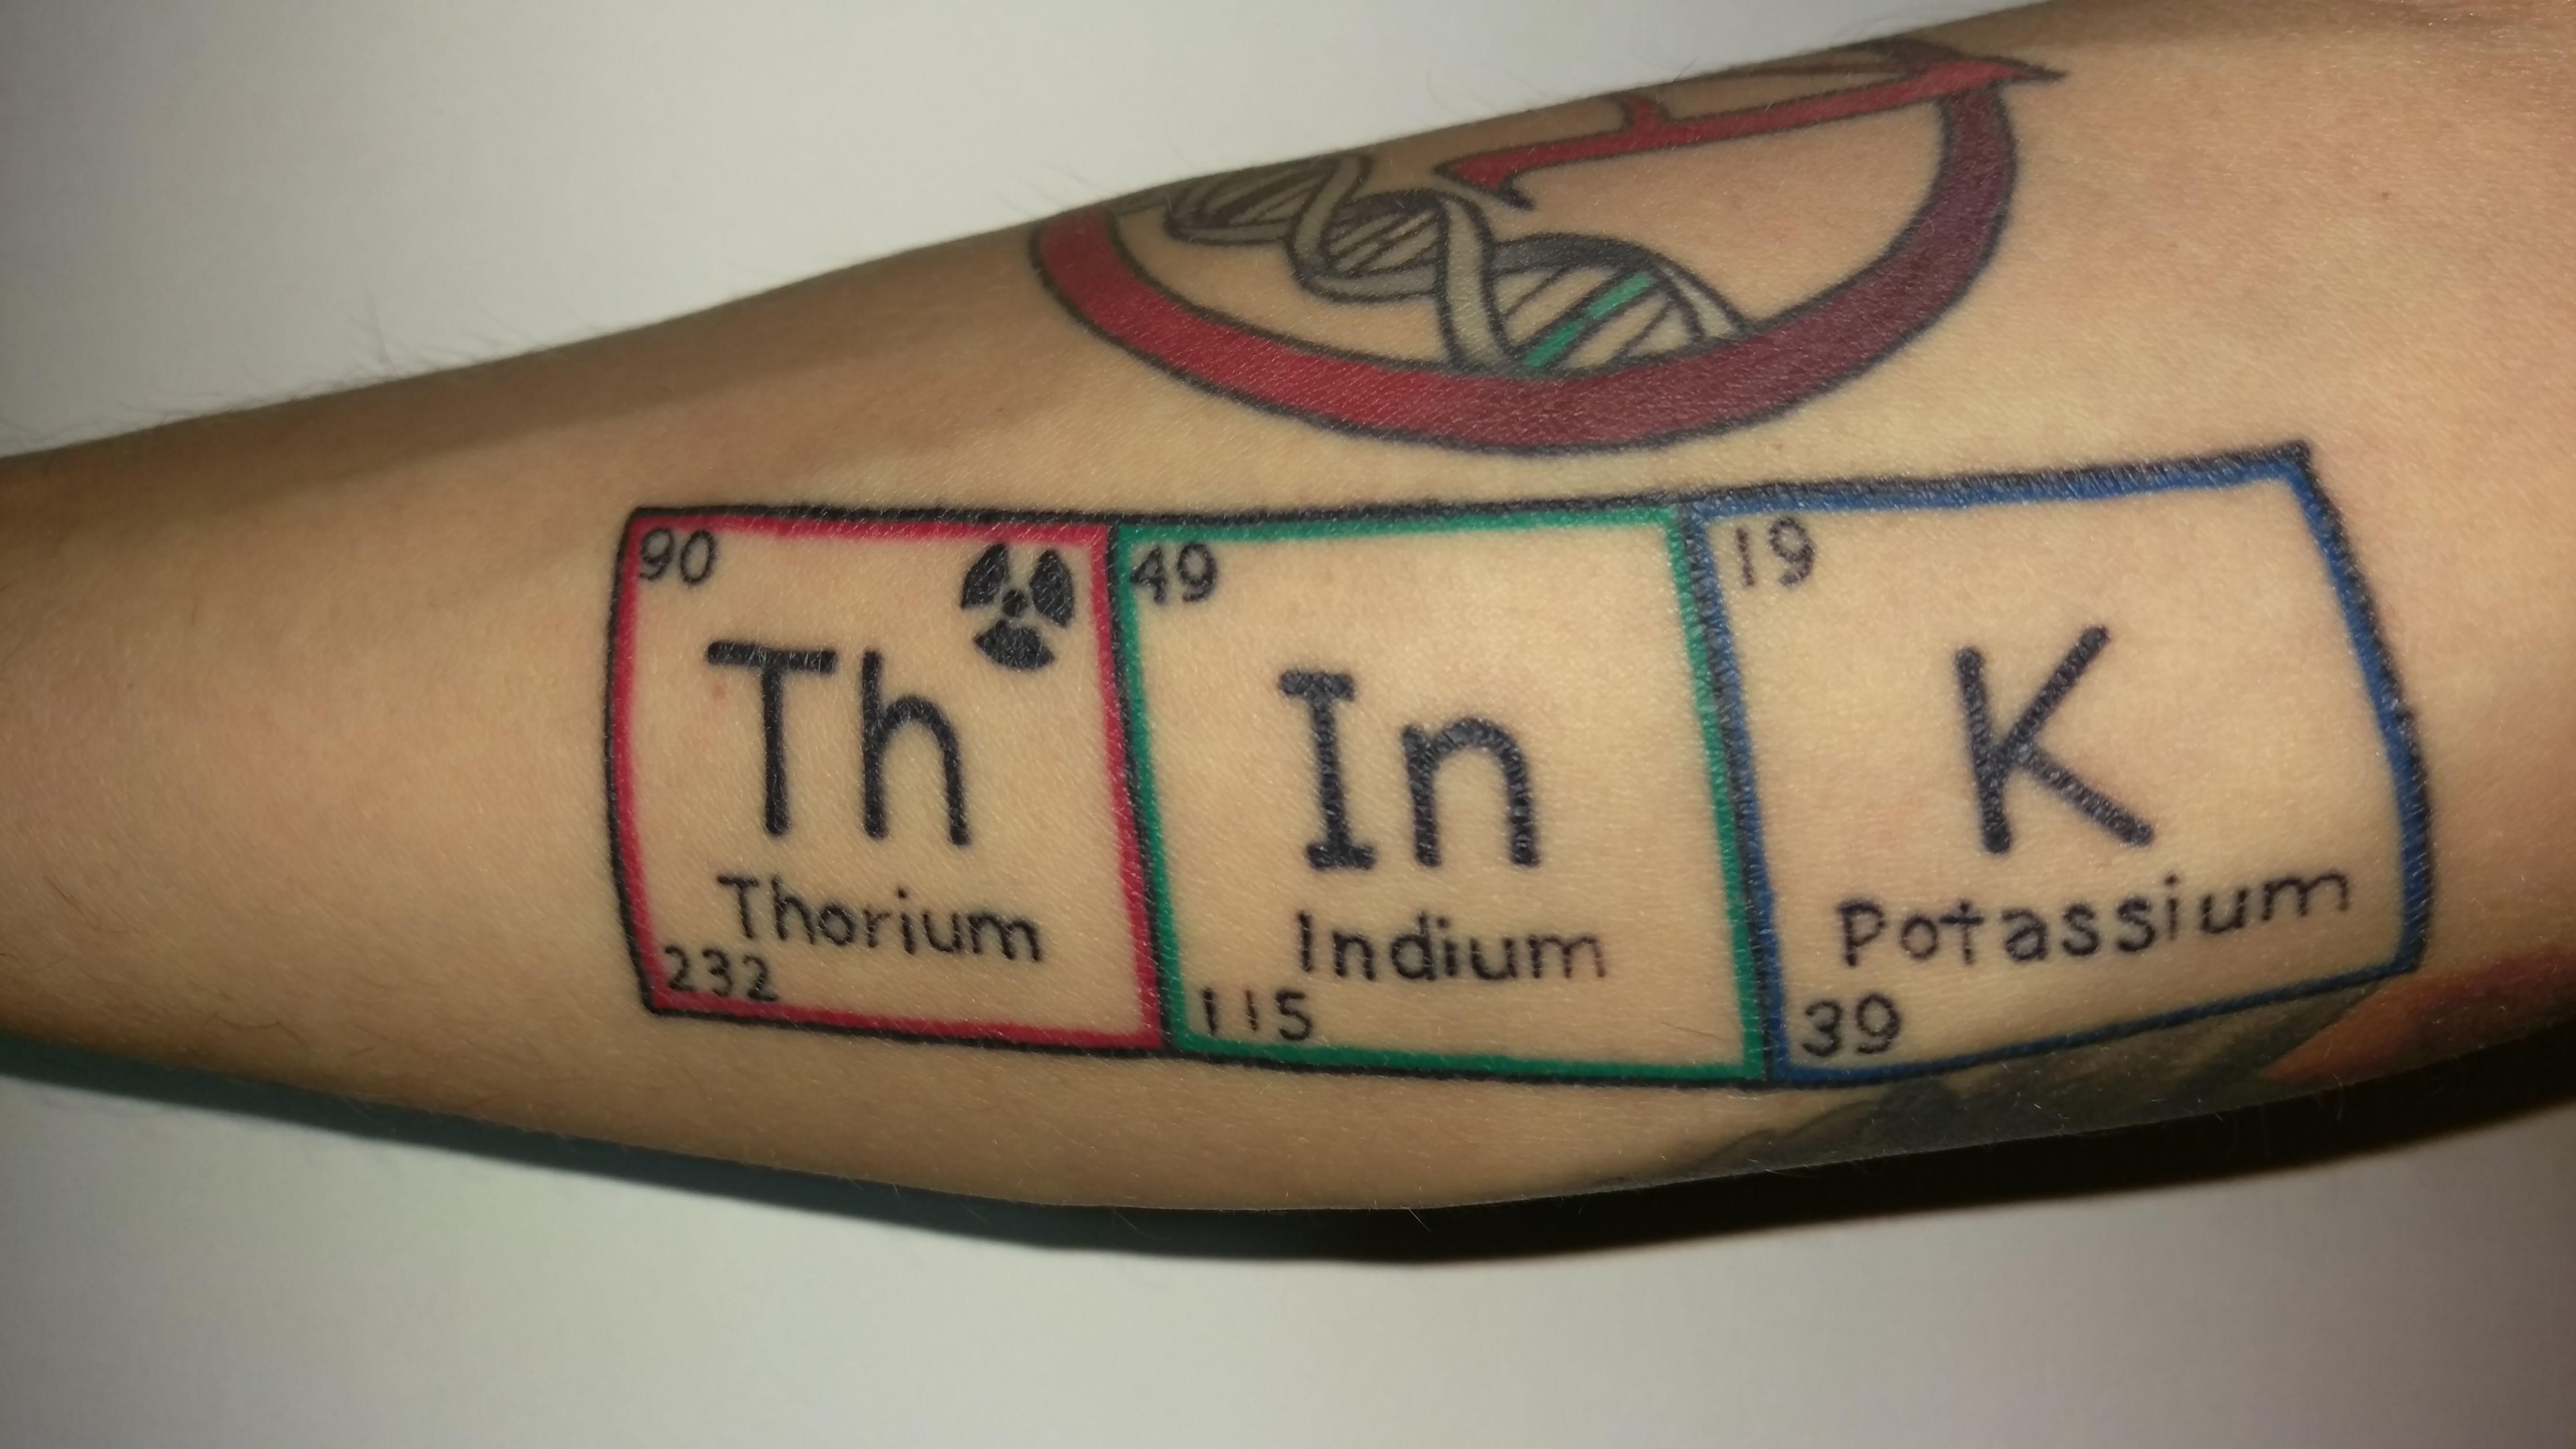 Atheist Tattoo Periodic Table Of Elements Thorium Indium